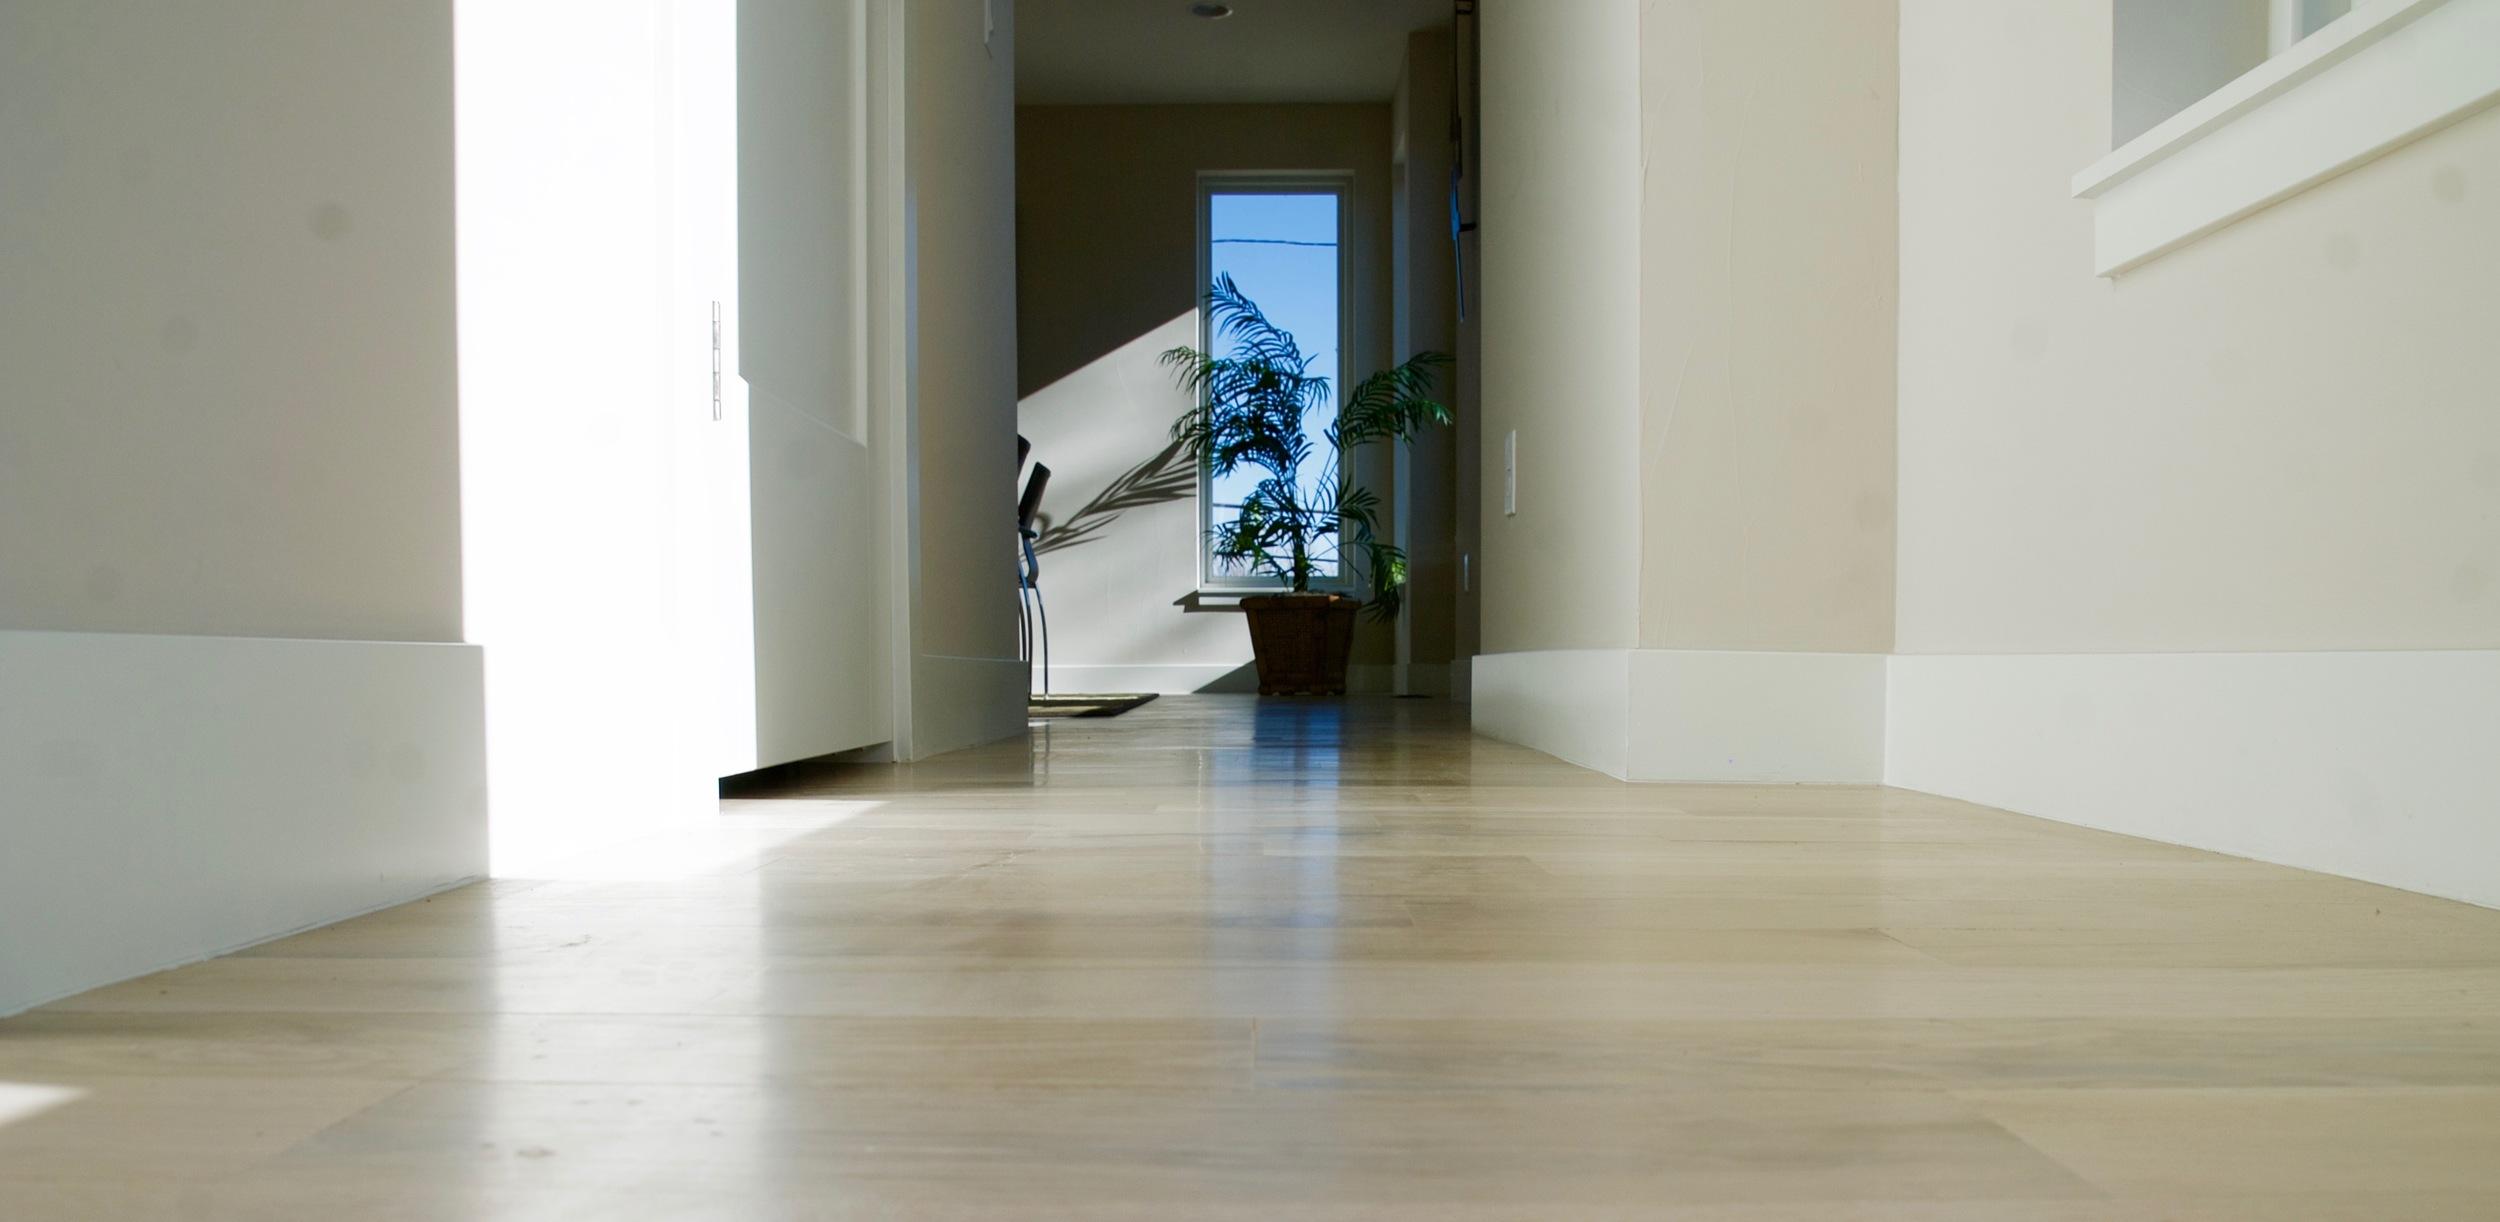 Seventh image of Residential Hardwood Flooring for Tejon Denver by ASA Flooring